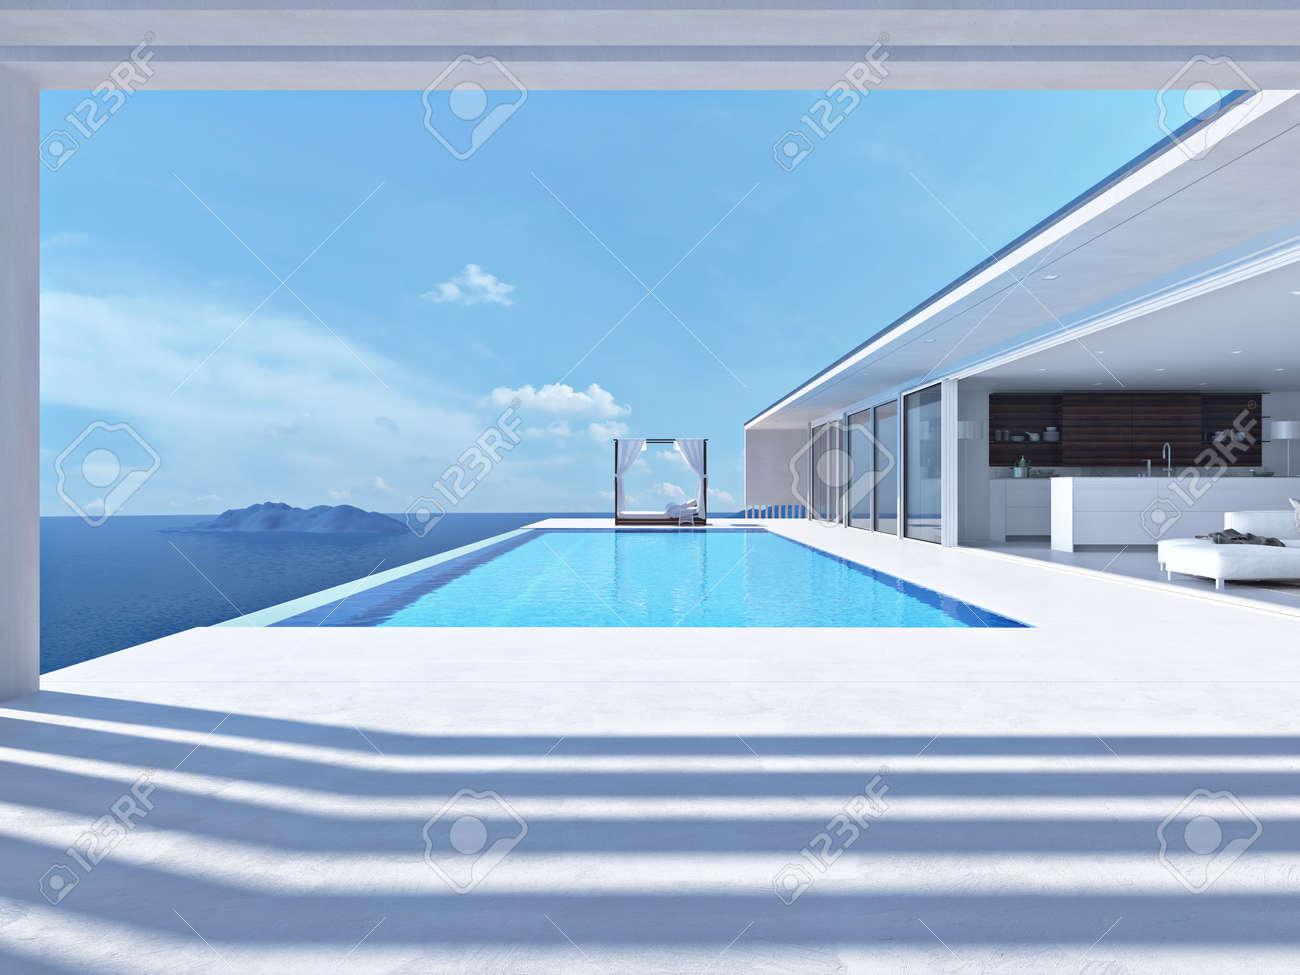 luxury swimming pool in summer. 3d rendering - 58463971